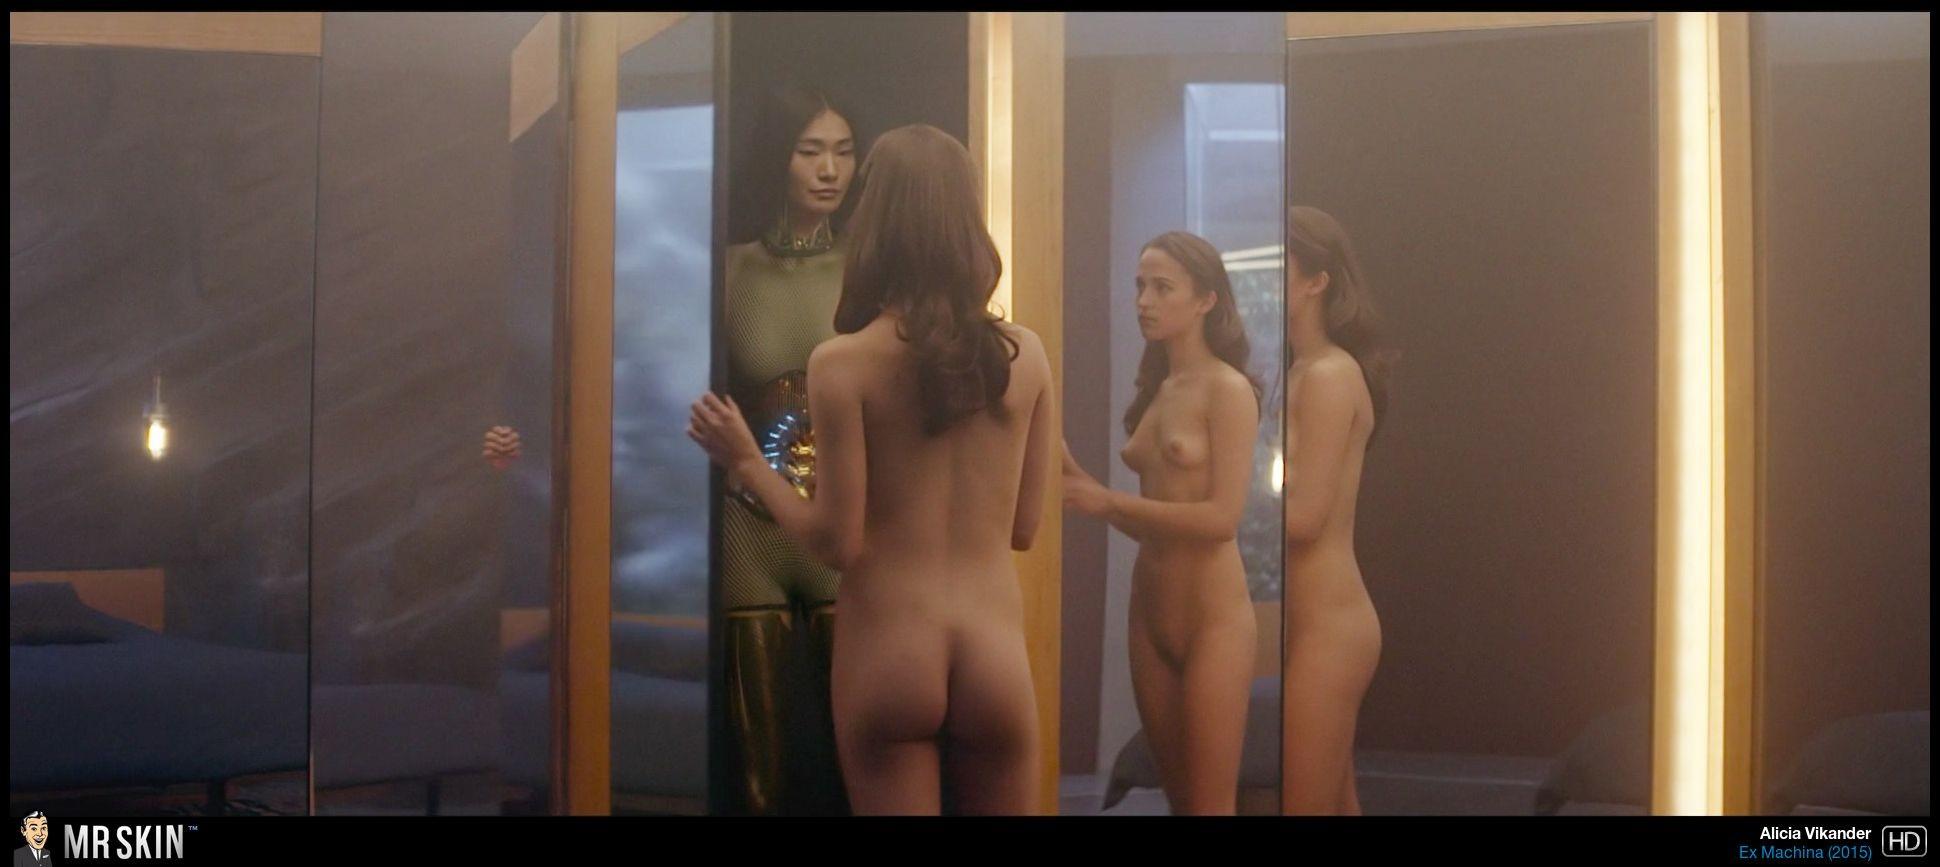 hot nude girl actors